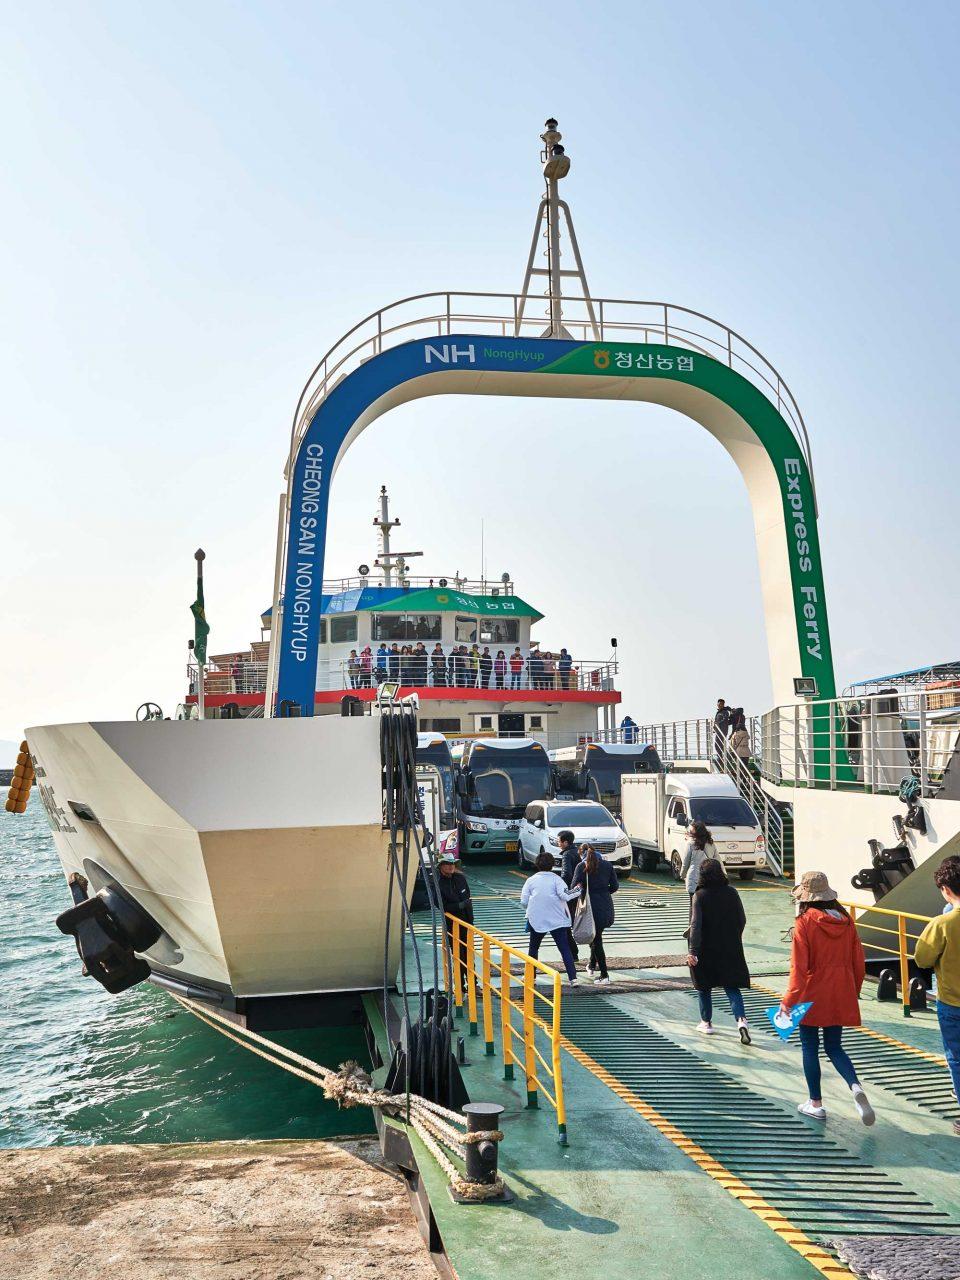 청산도와 완도를 잇는 배의 모습. 수십 대의 차를 실을 수 있는 대형 선박이다.